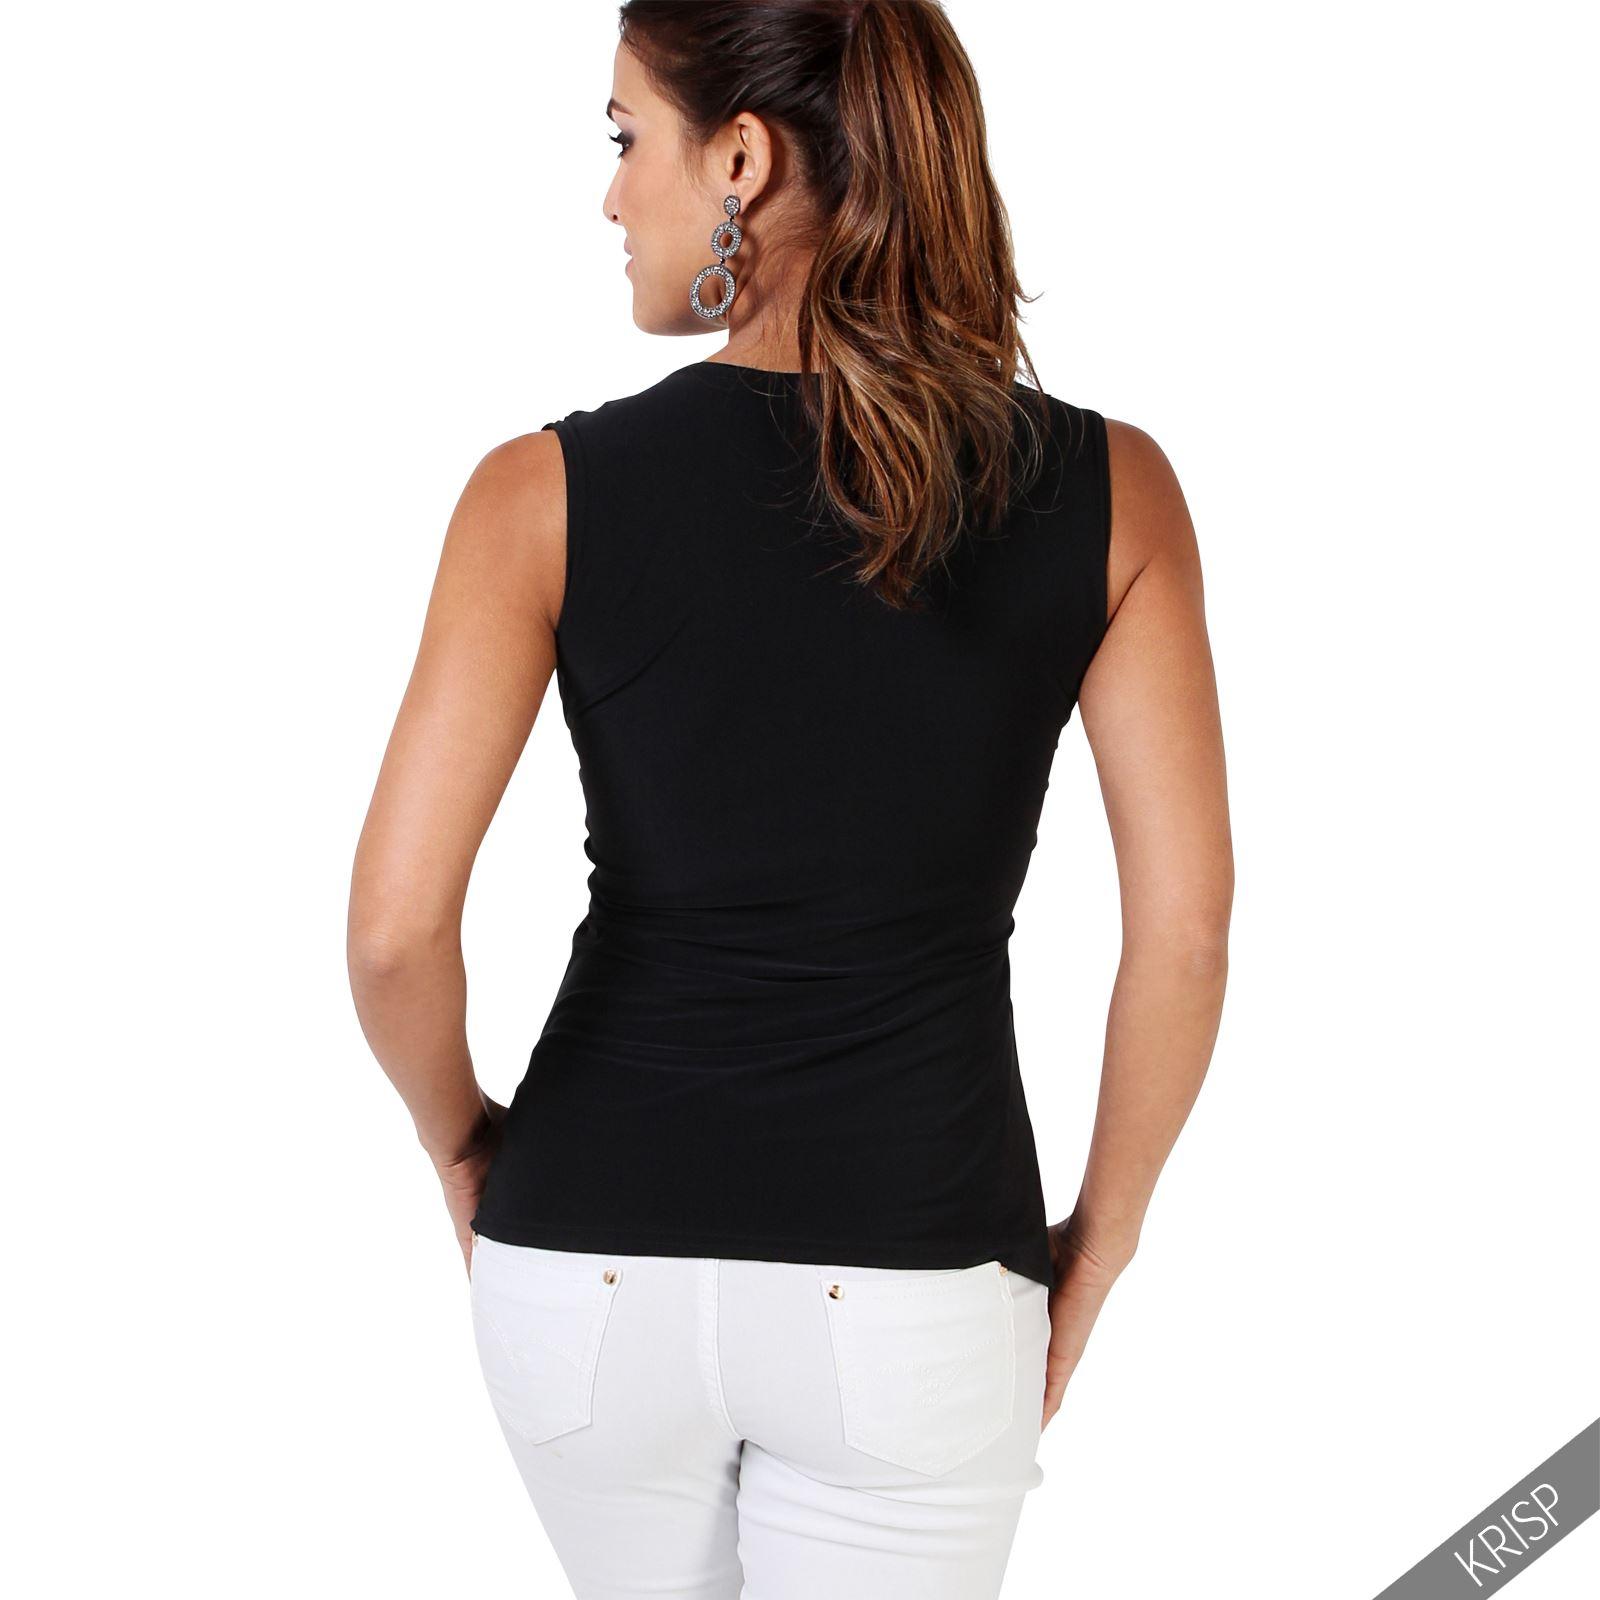 Femmes-Haut-Debardeur-T-shirt-Tee-Shirt-Top-Sans-Manche-Uni-Affaires-Ete-Plage miniature 10